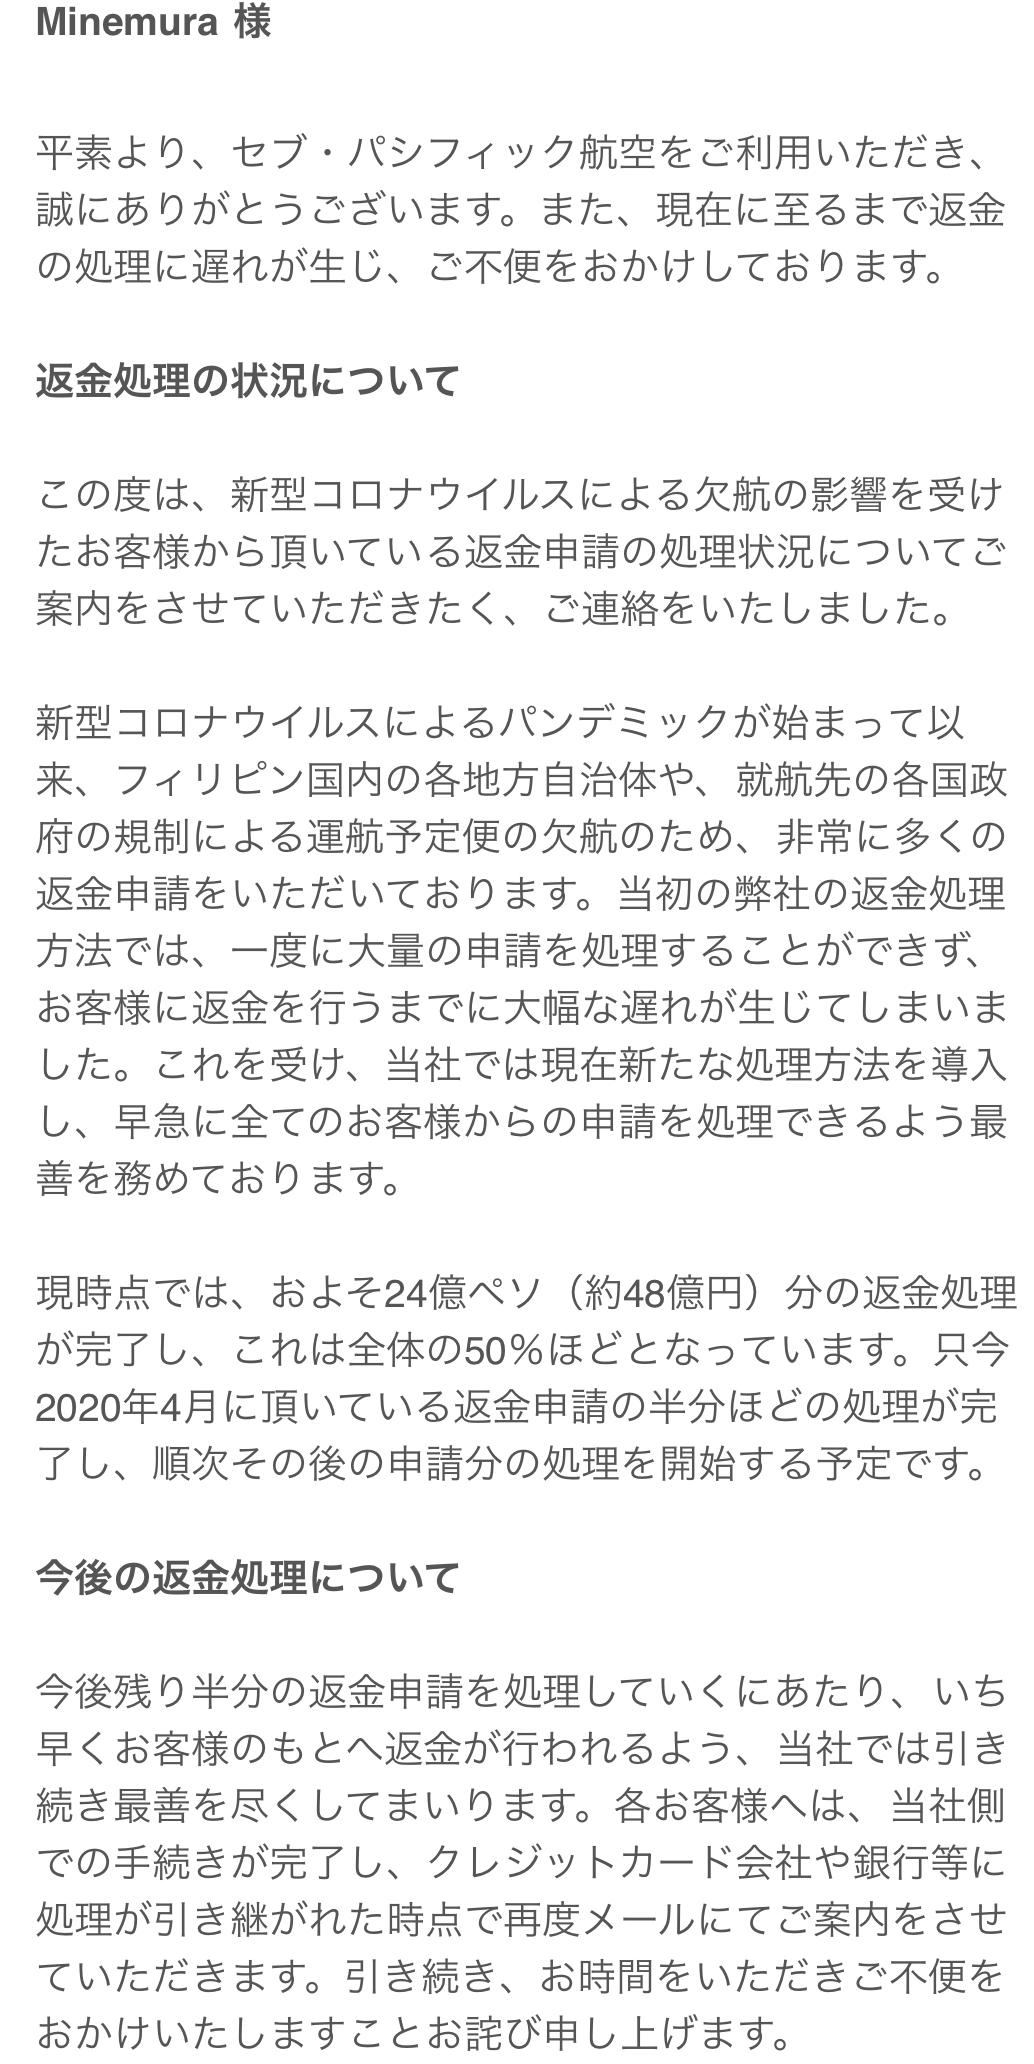 セブパシからのEMAIL on 9/23